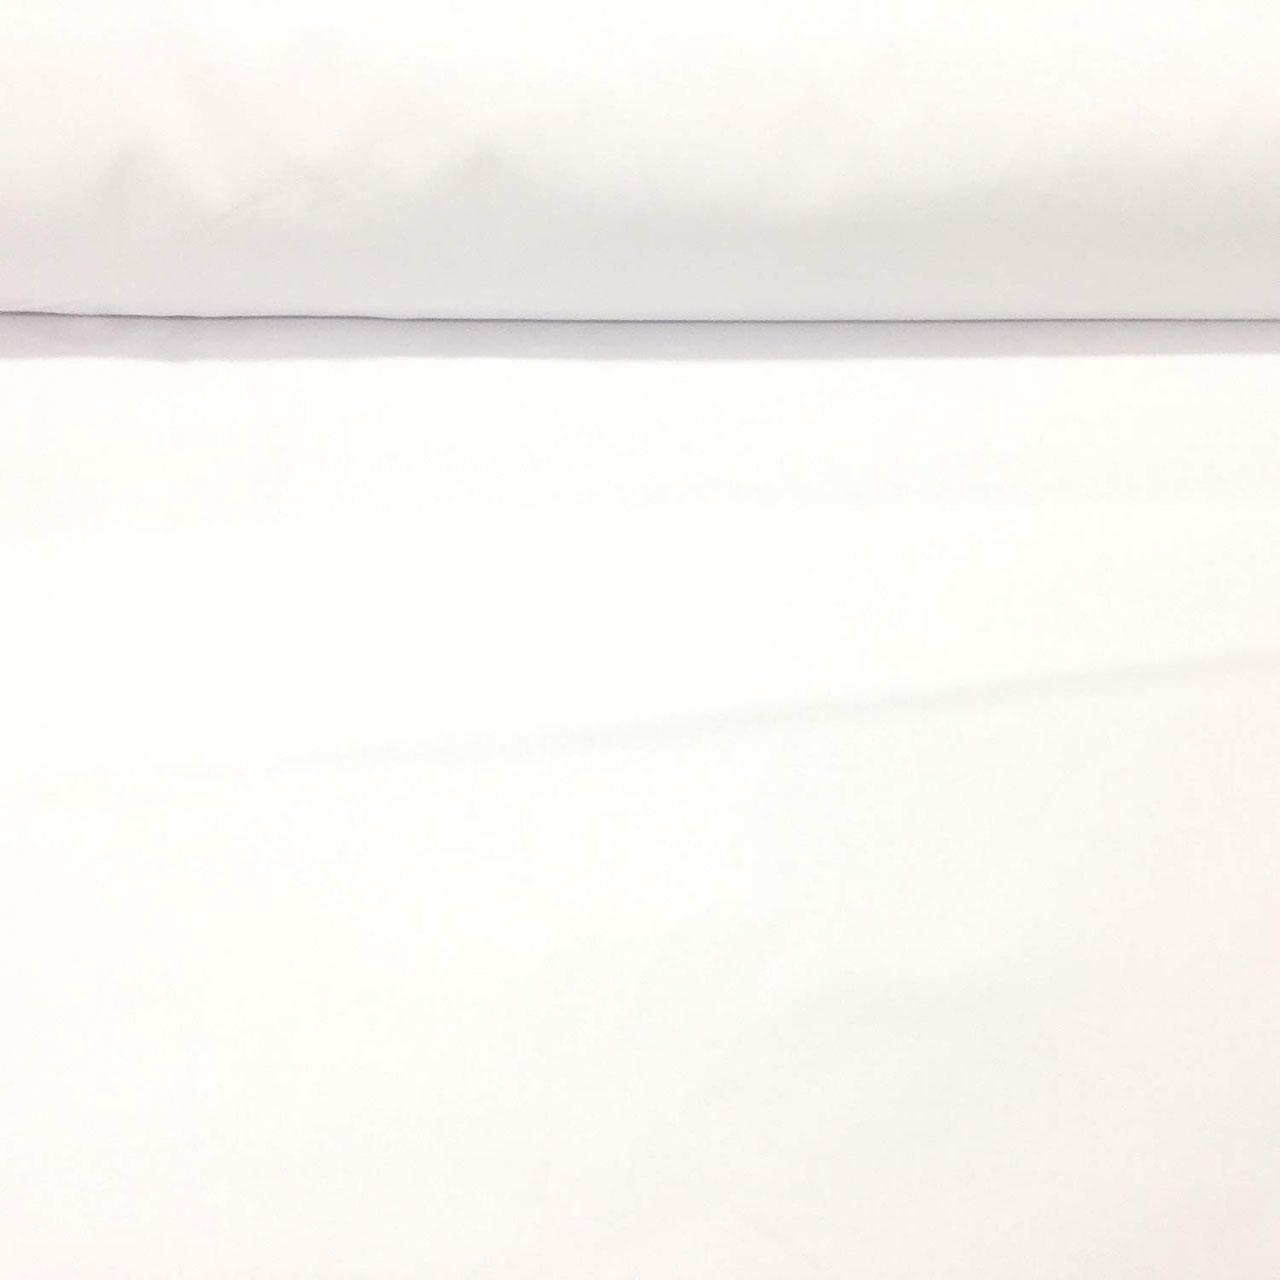 Baumwollstoff Meterware 1lfm 160cm breit 100/%Baumwolle uni einfarbig Blau Türkis